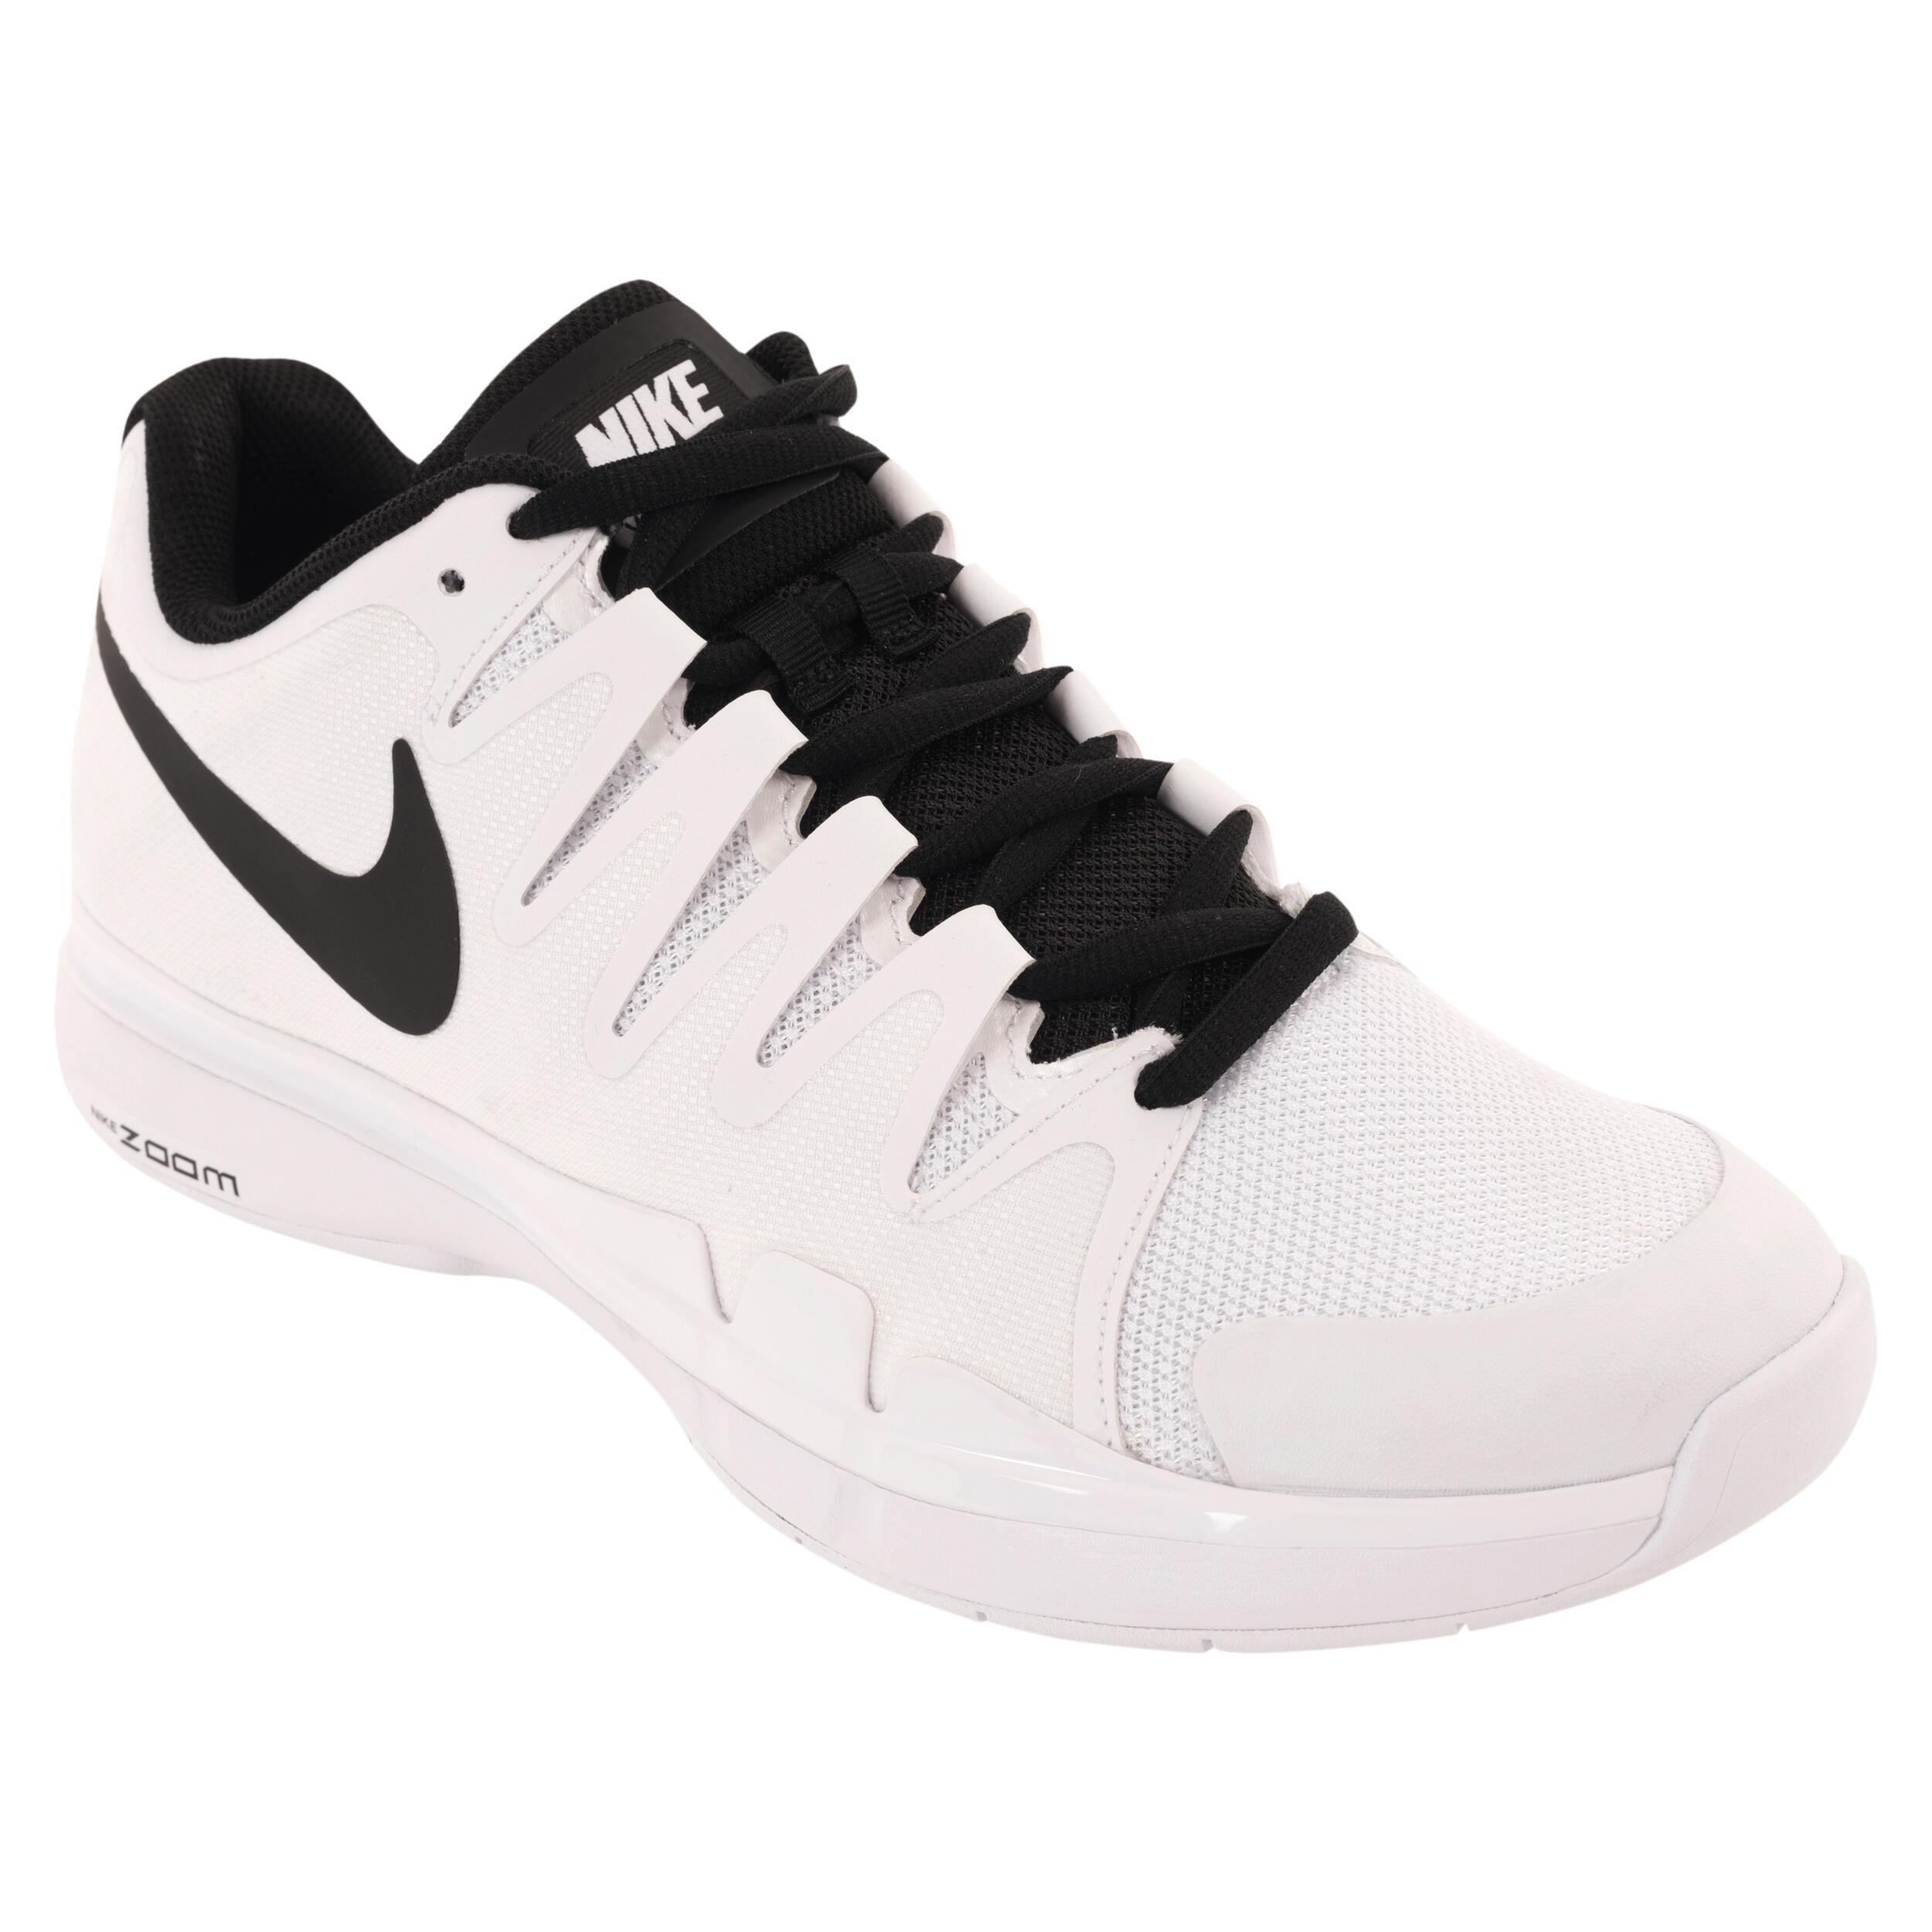 Nike Tennisschoenen heren Zoom Vapor 9.5 Tour Tapijt wit